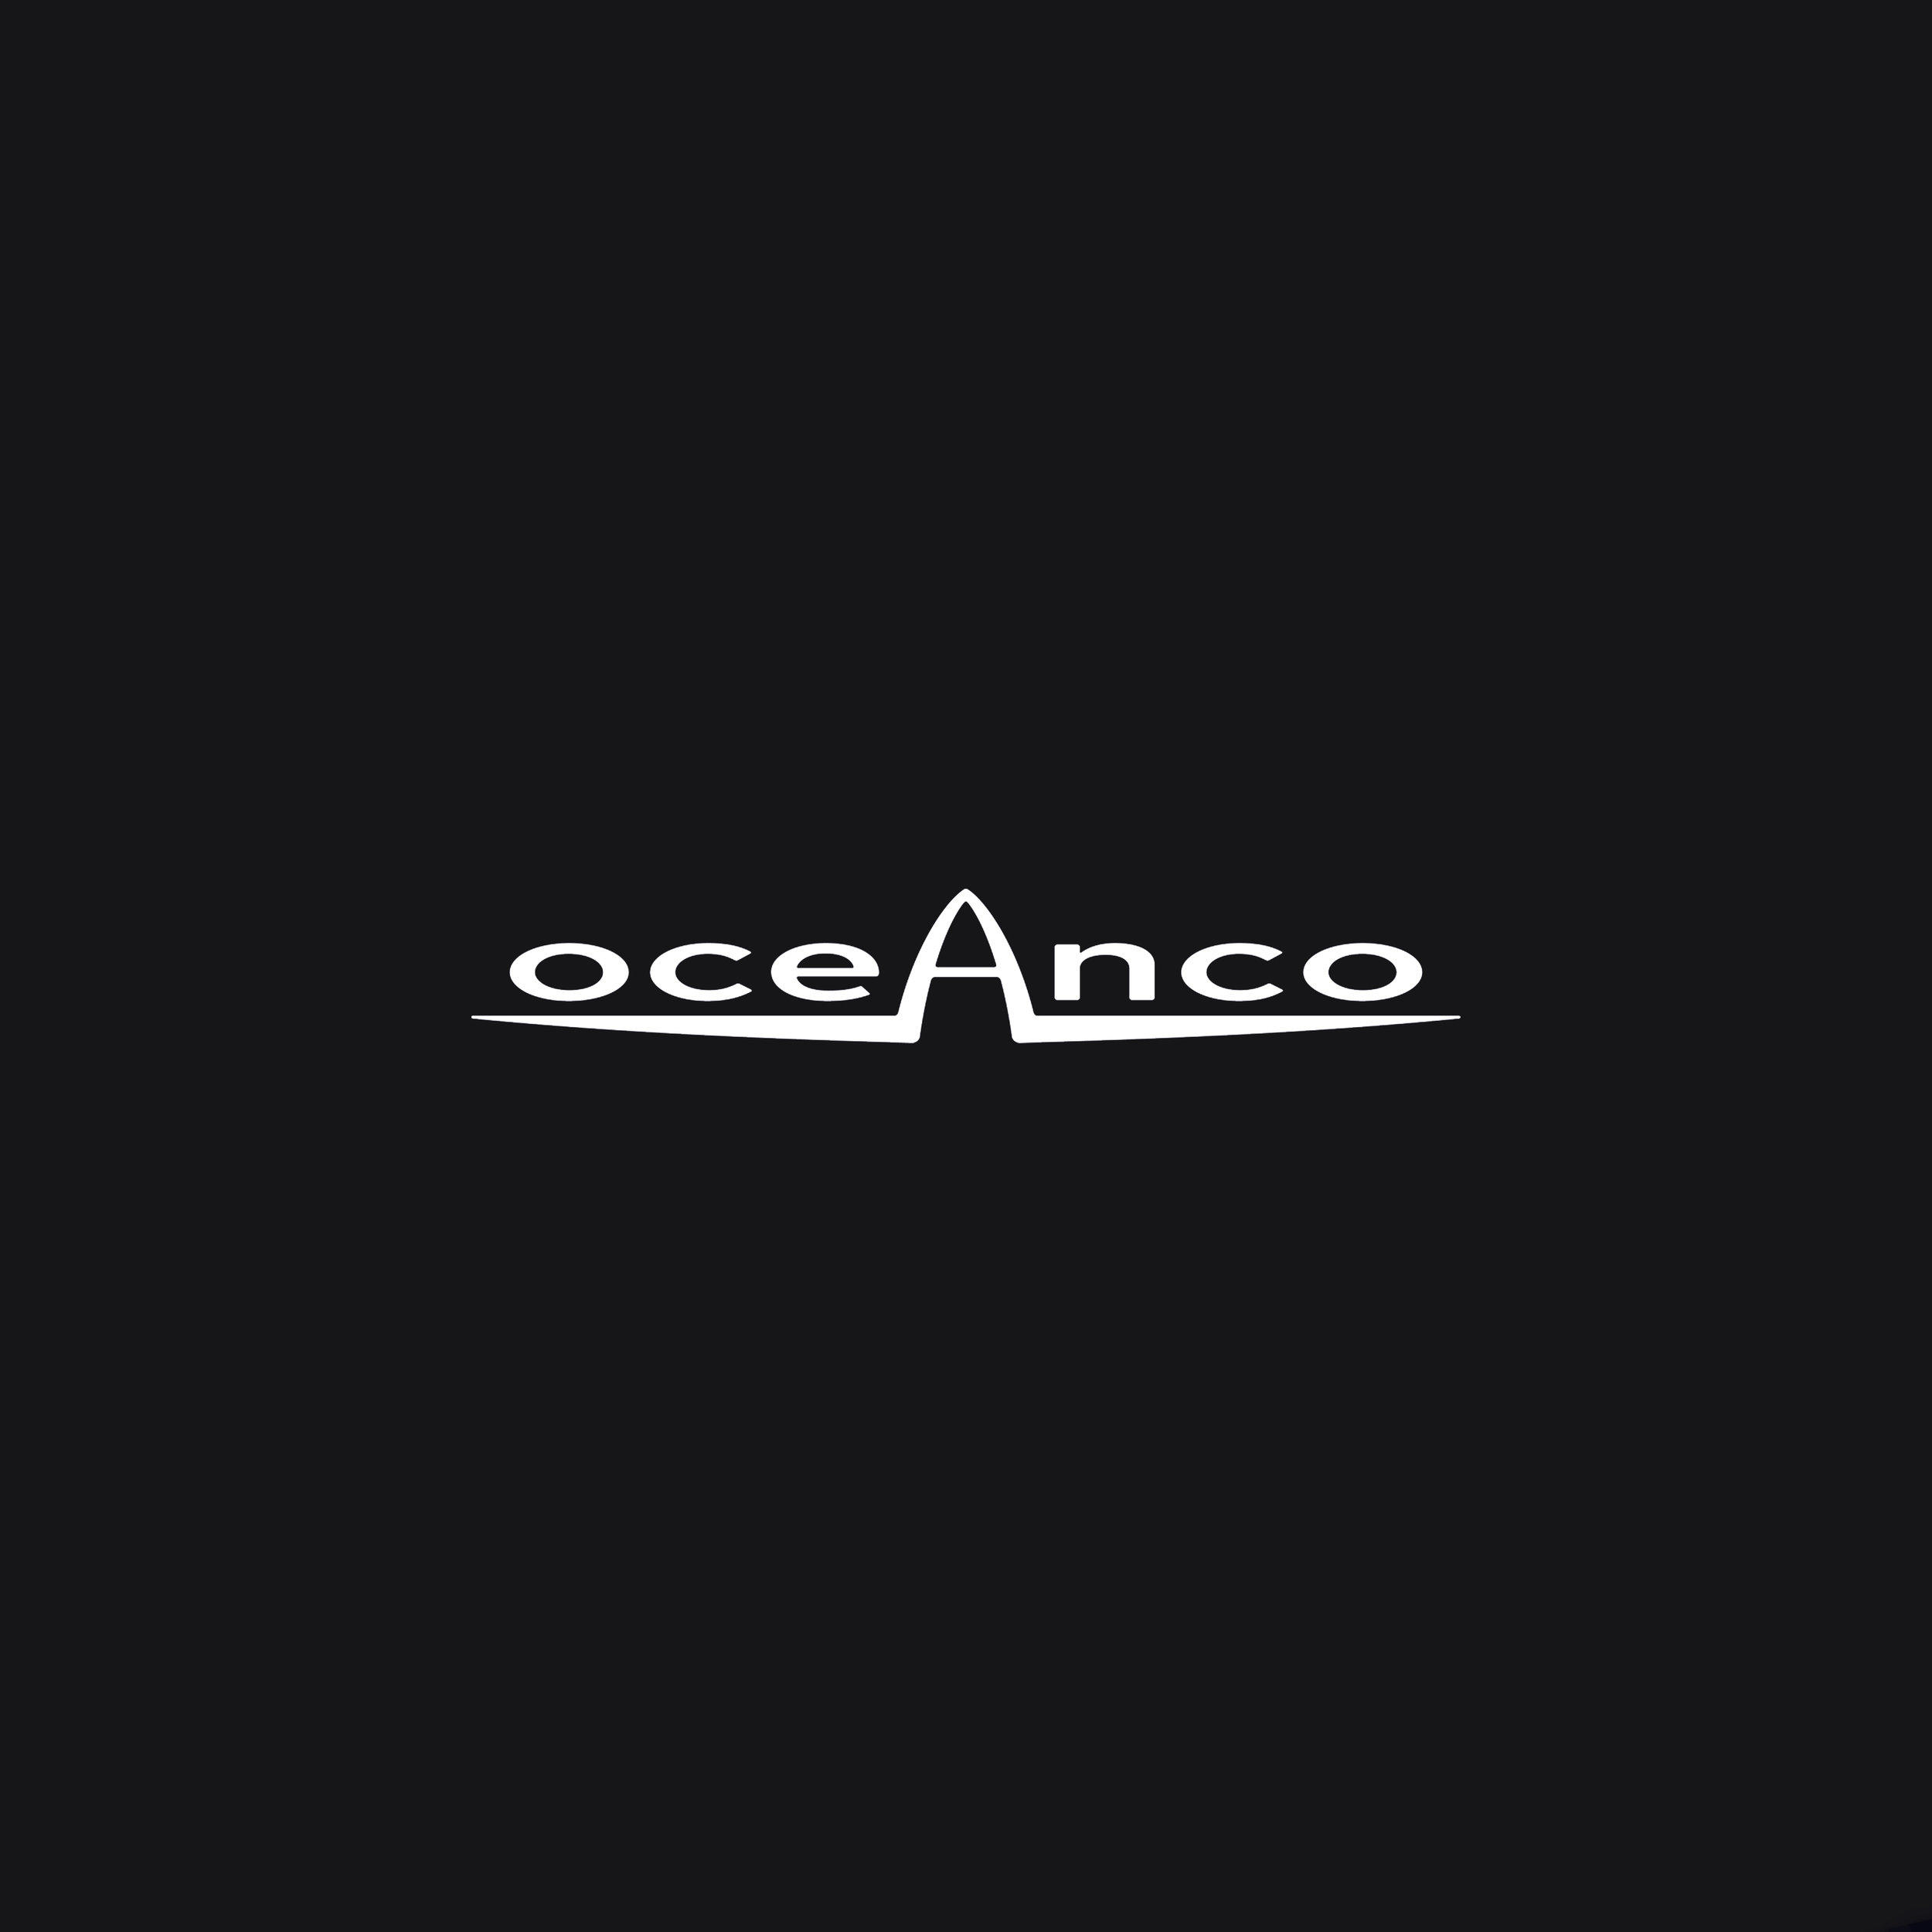 Oceanco.jpg